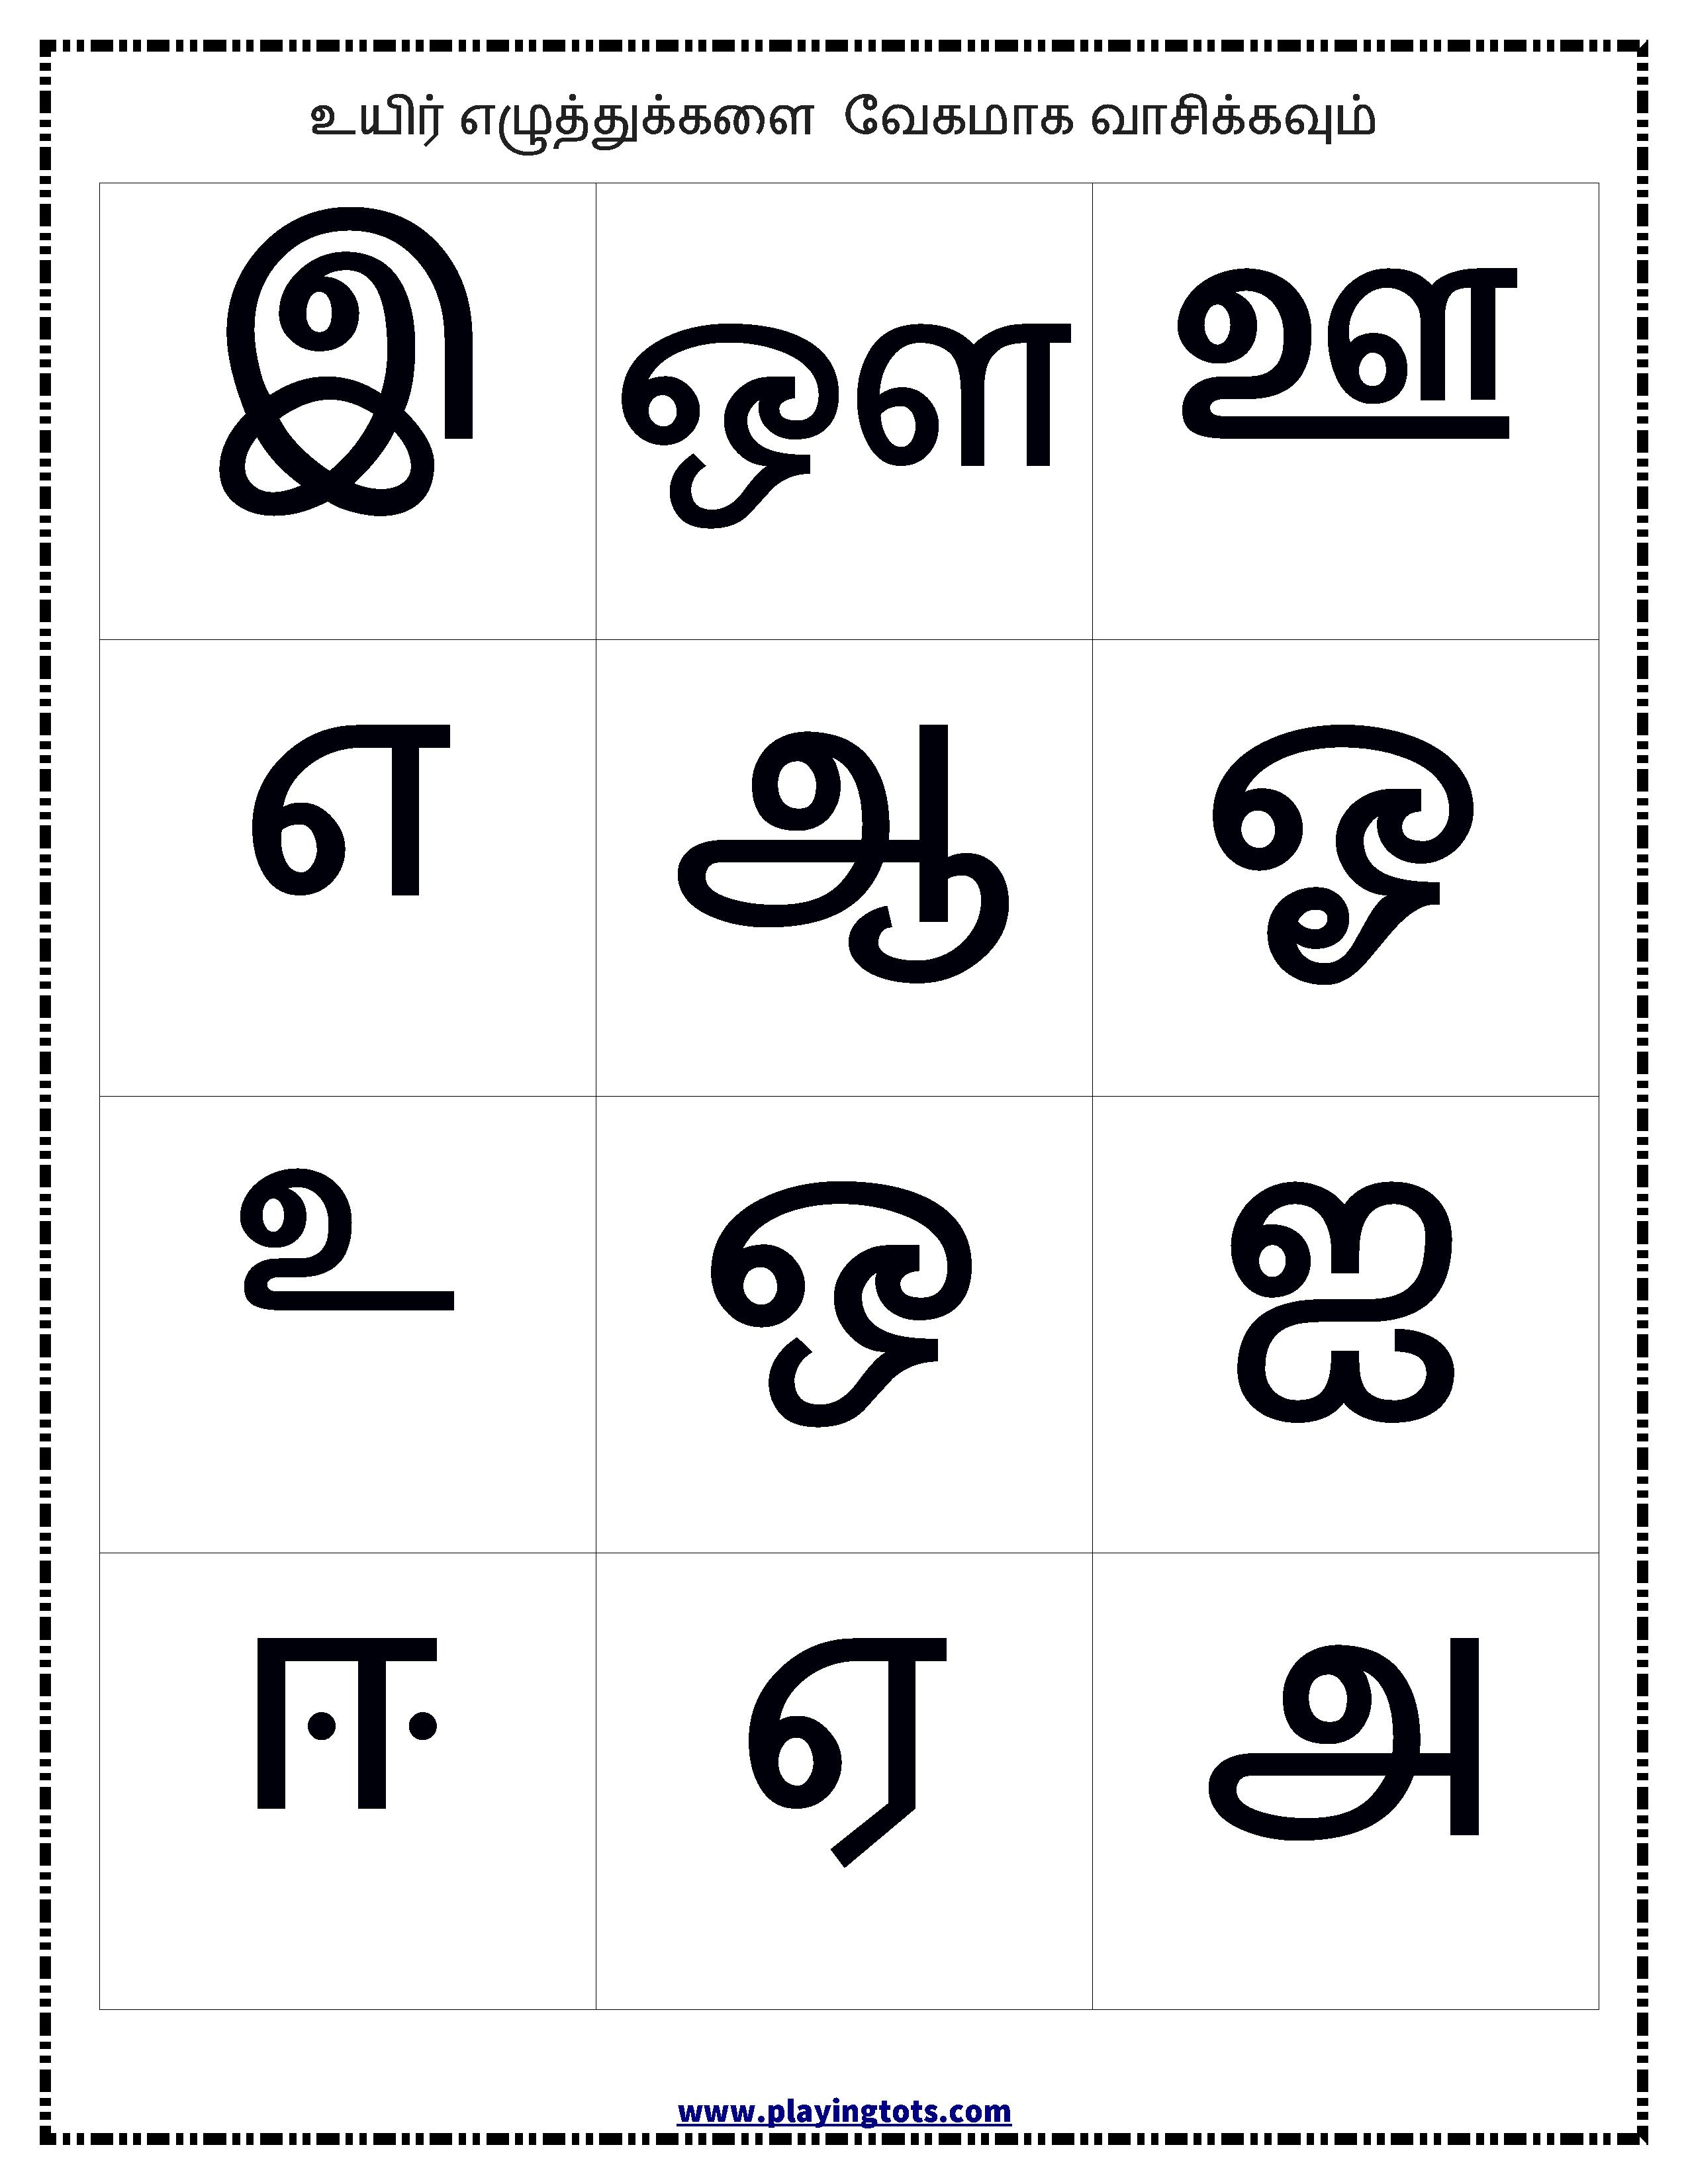 எண்கள்(Tamil Numbers) Flashcards Keywords:Free,printable,learn ...